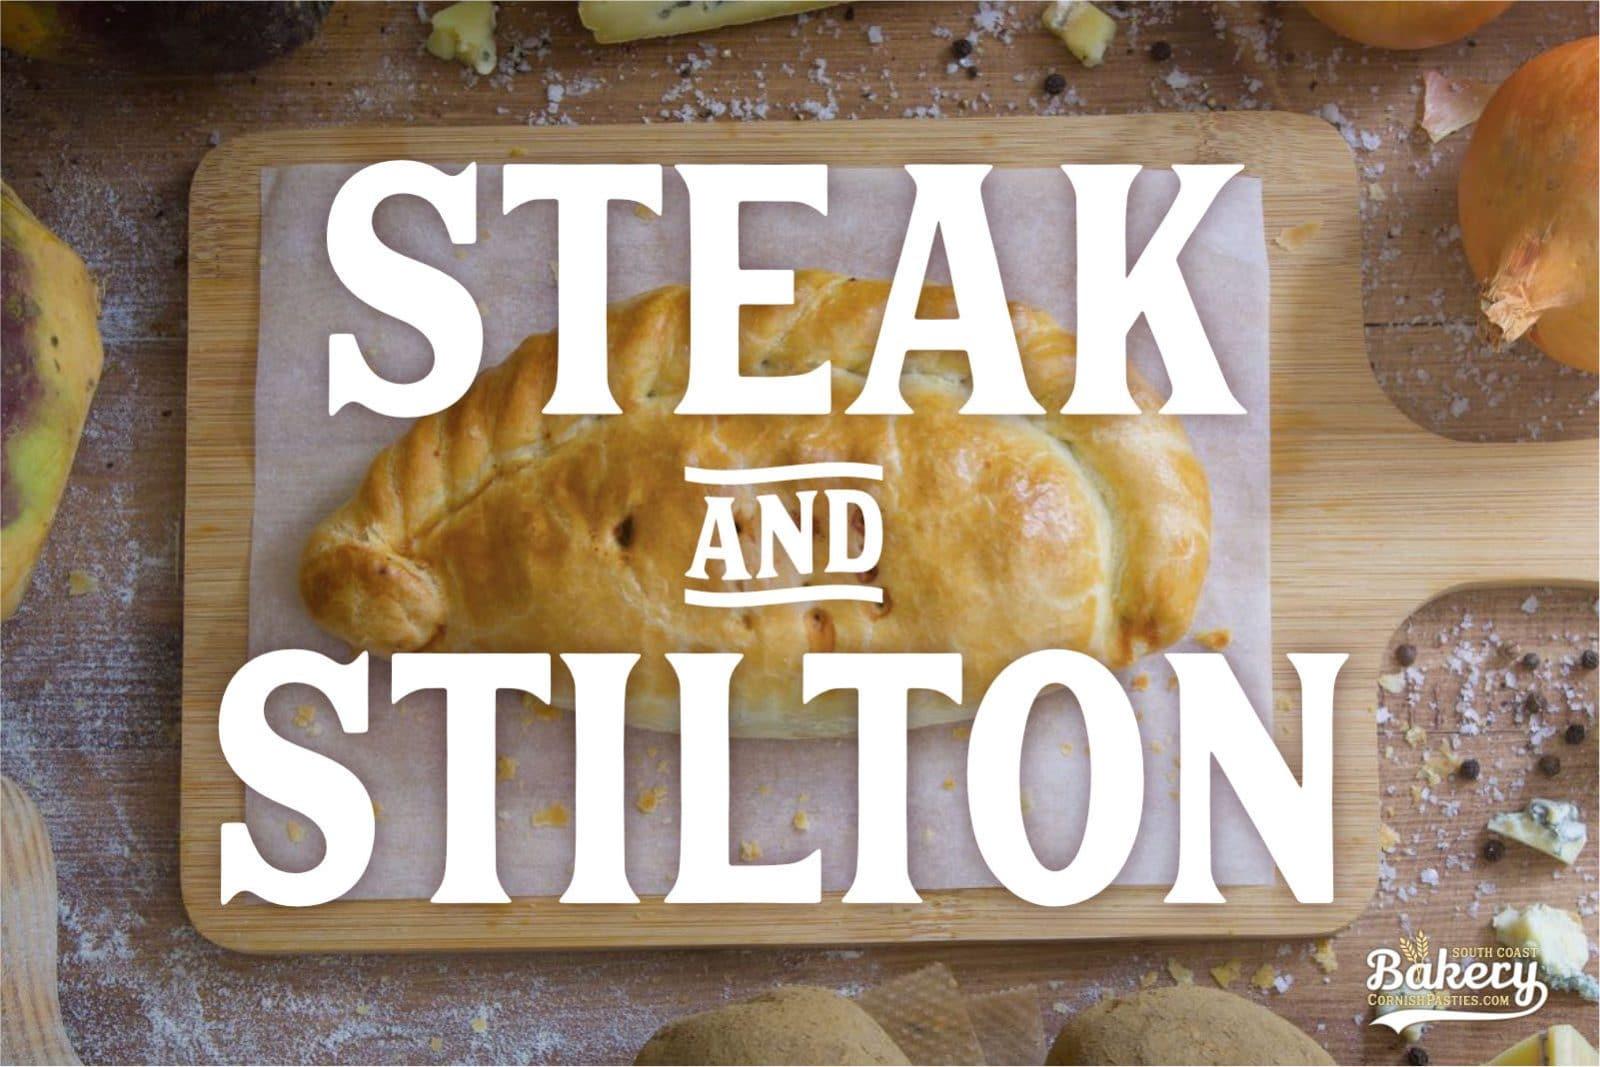 Steak and Stilton Pasty